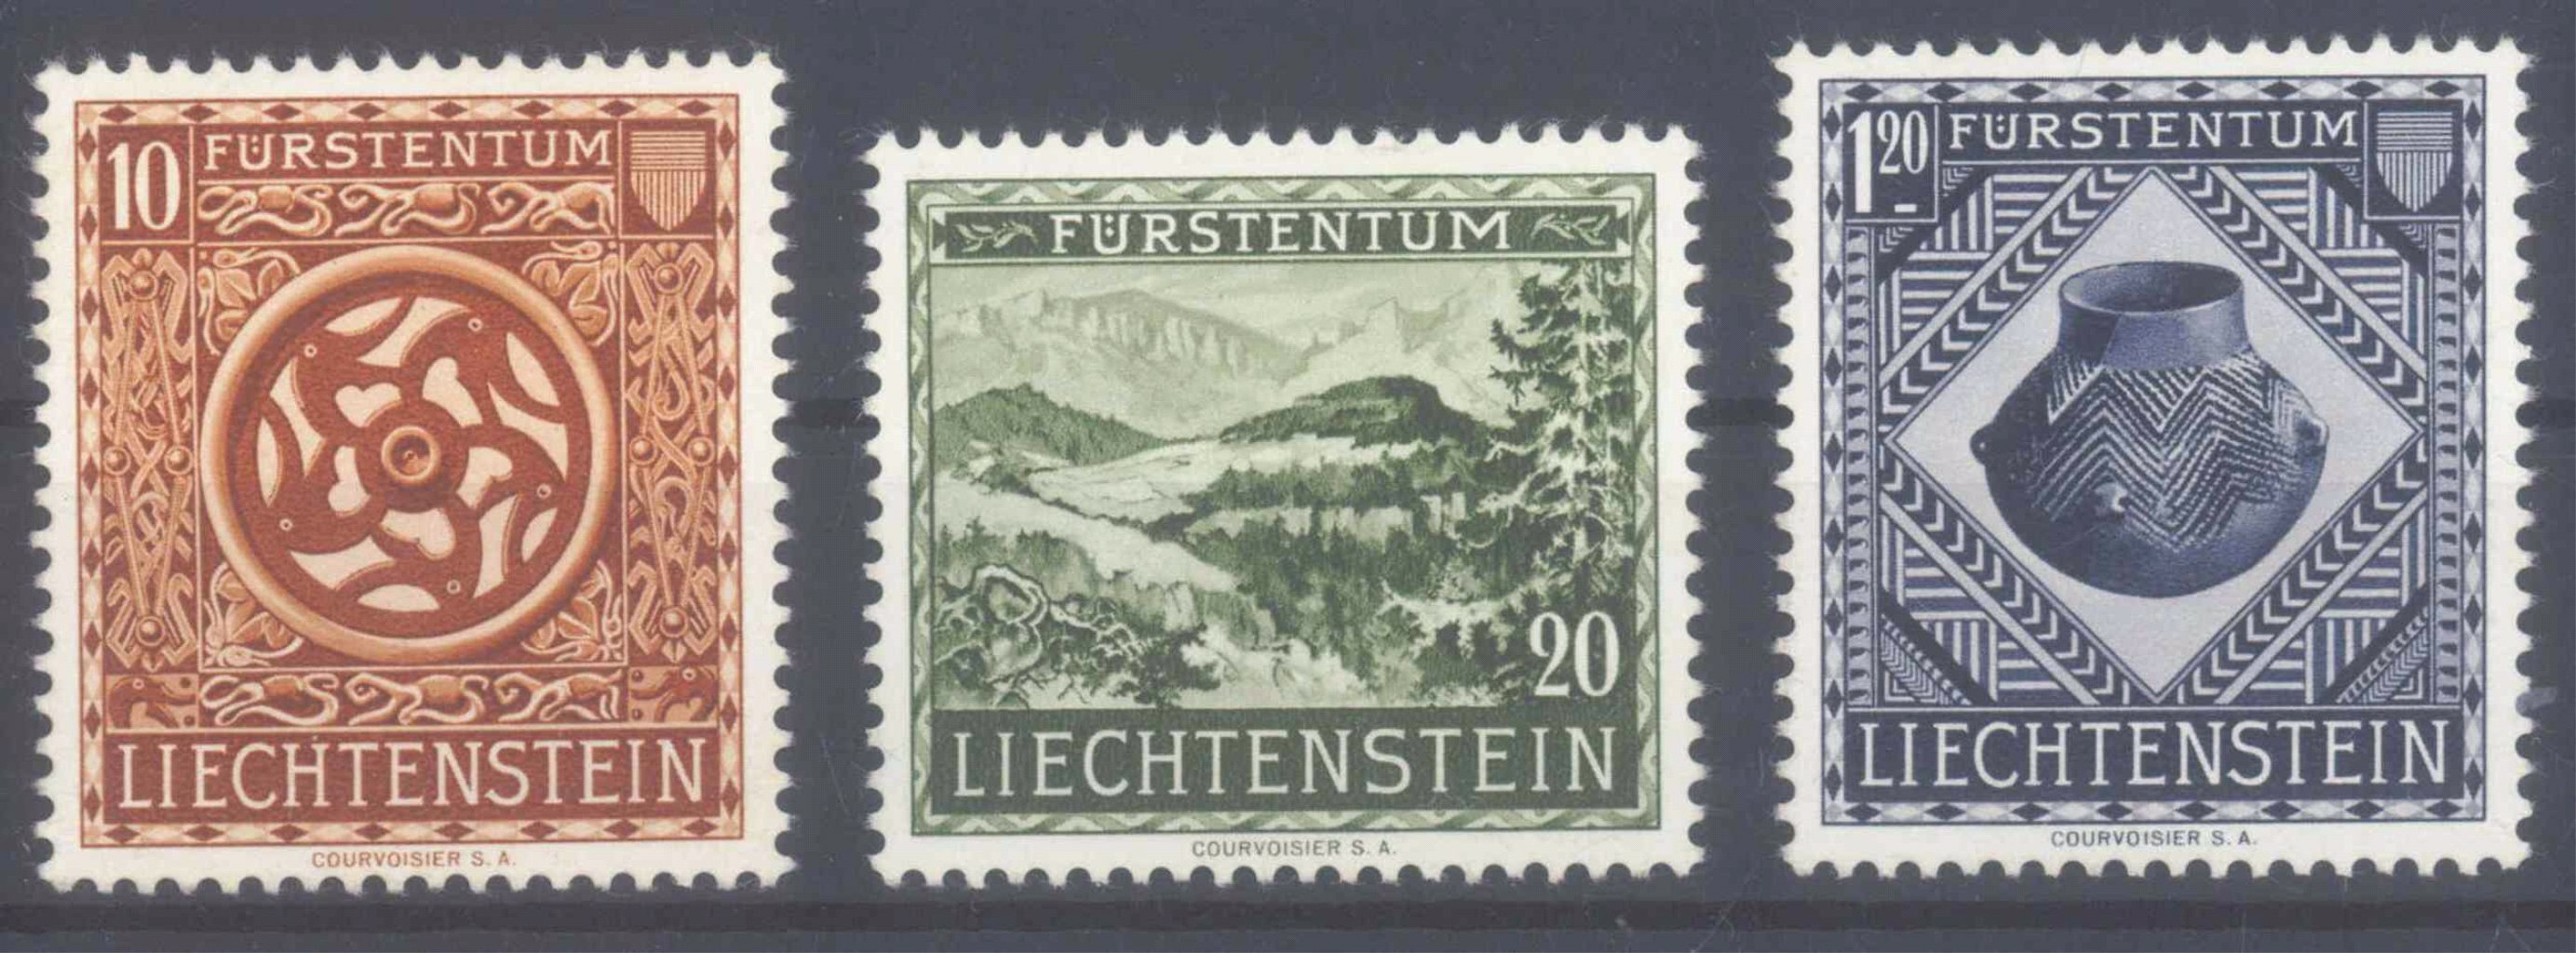 LIECHTENSTEIN 1953, Landesmuseum